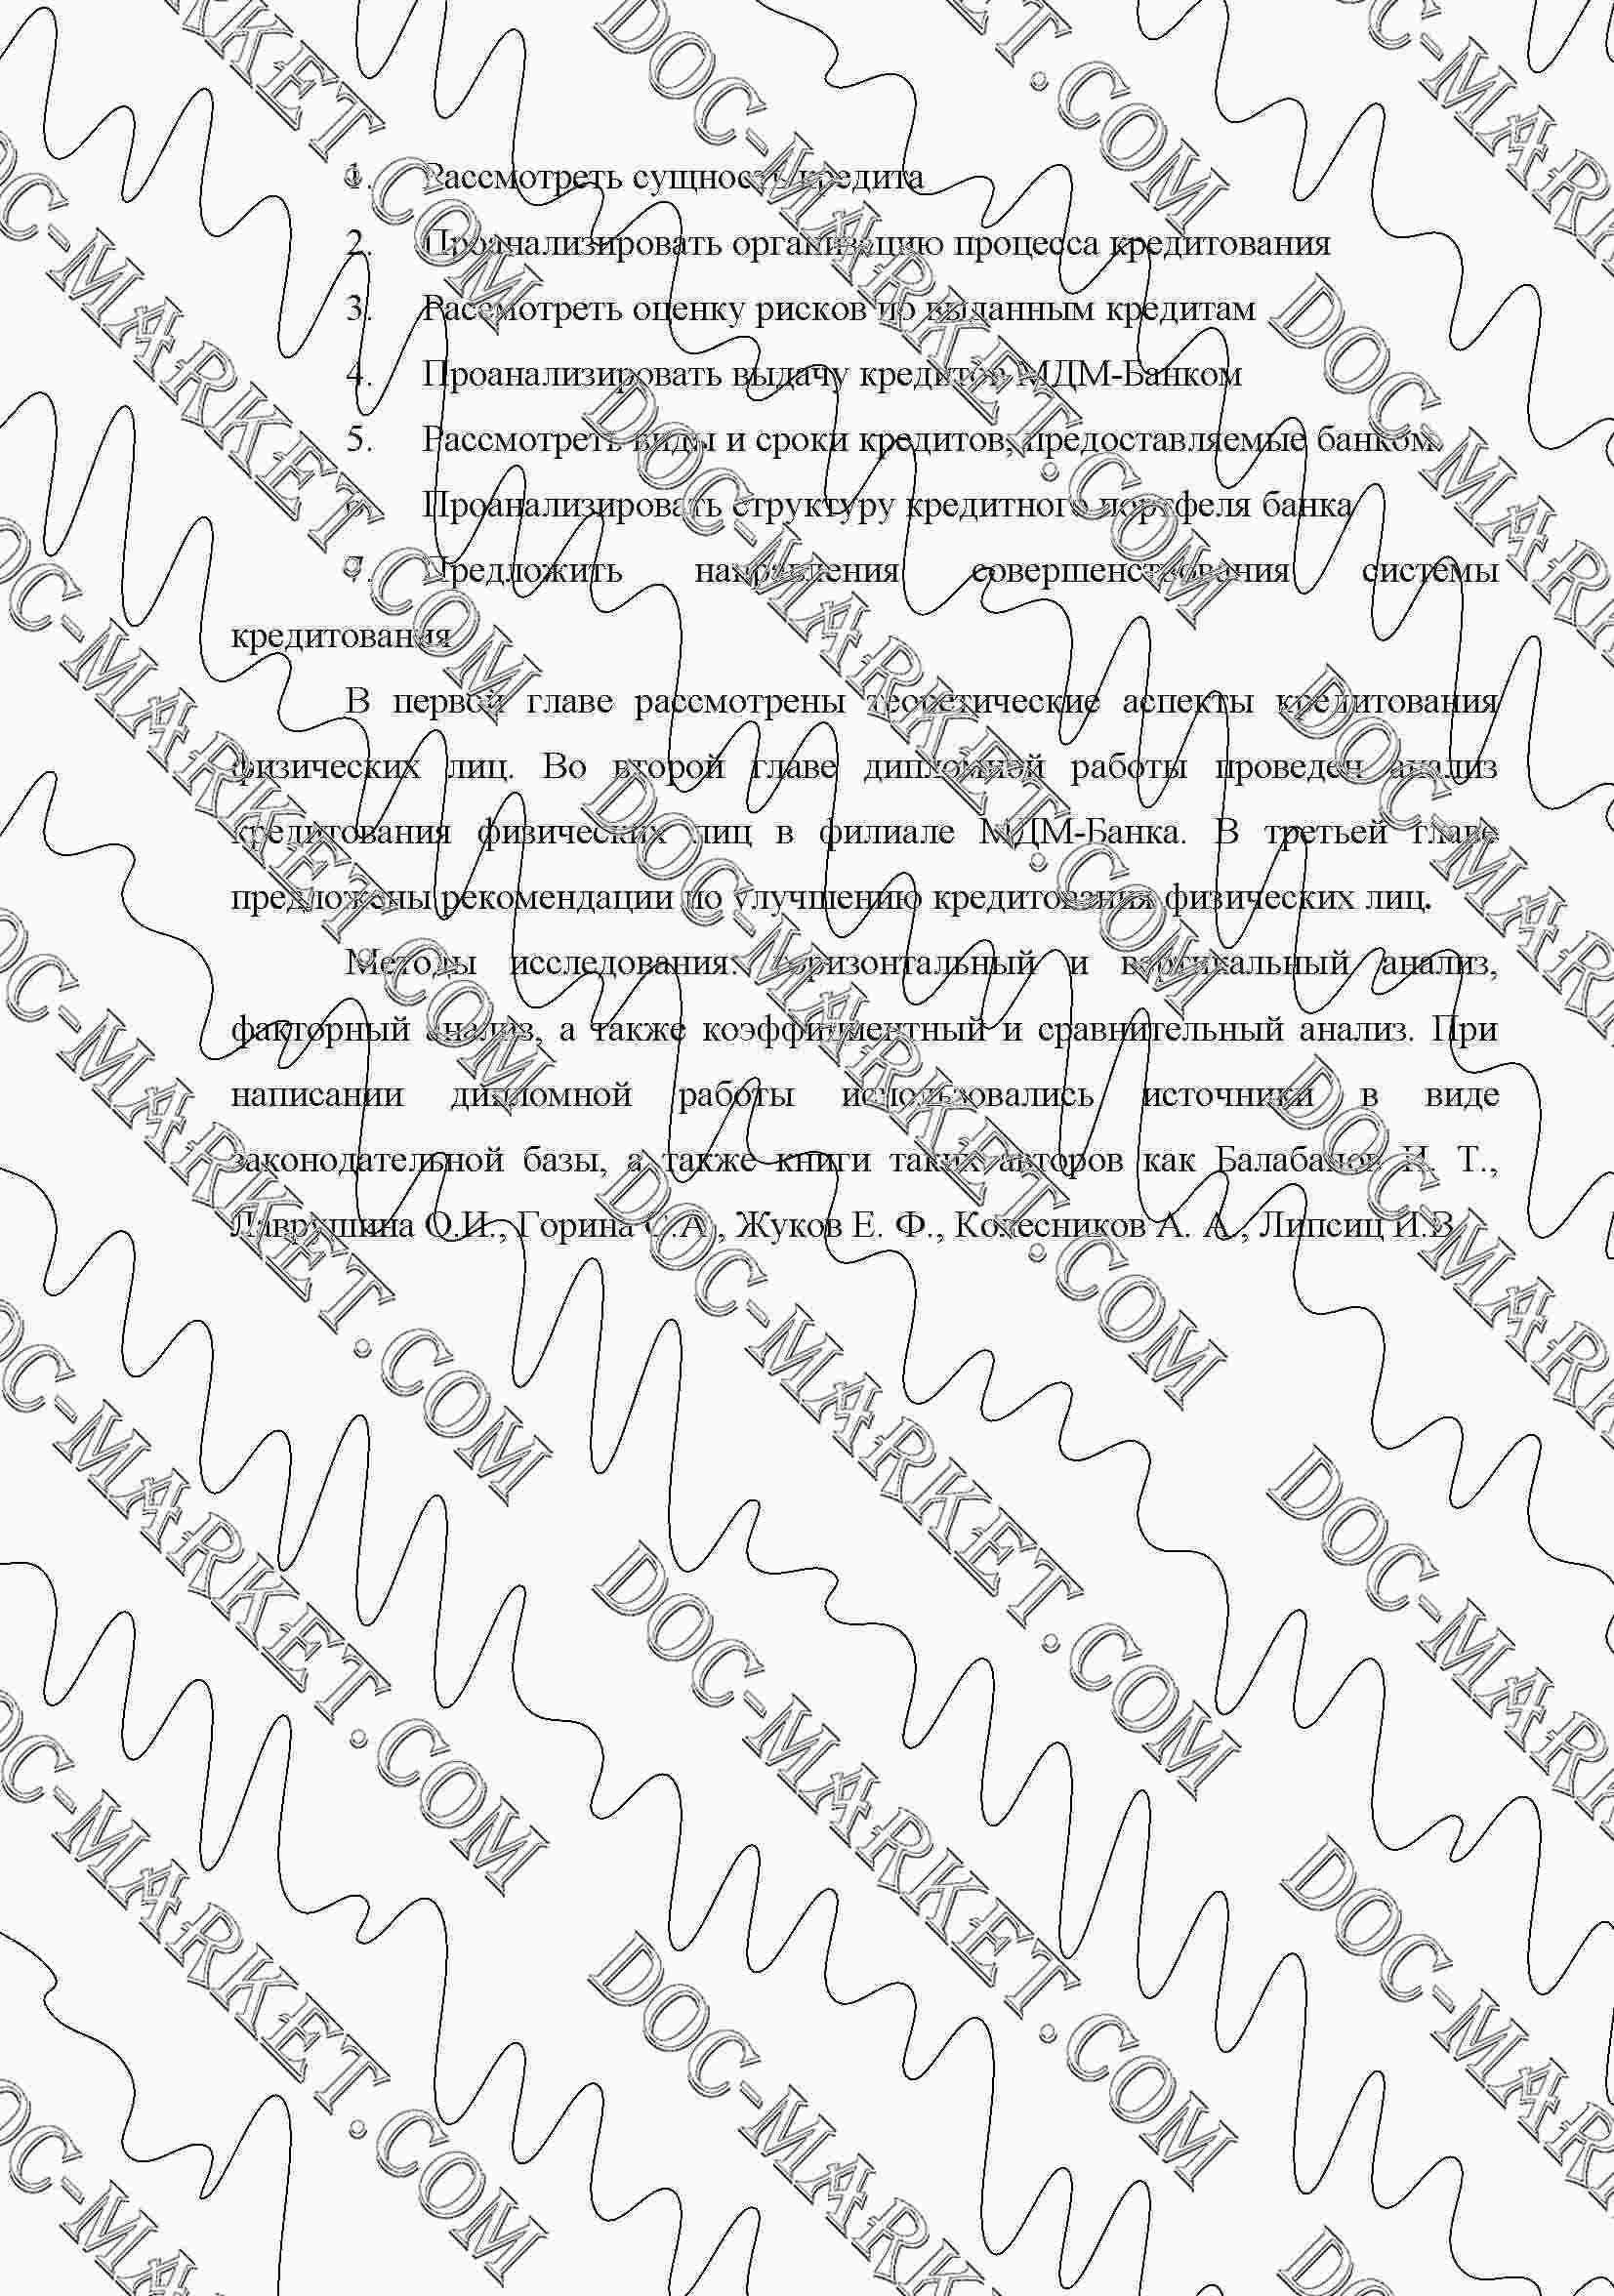 Наружная реклама, A-92615, Донецк, Университетская ул. - Россини ул., призма, схема.